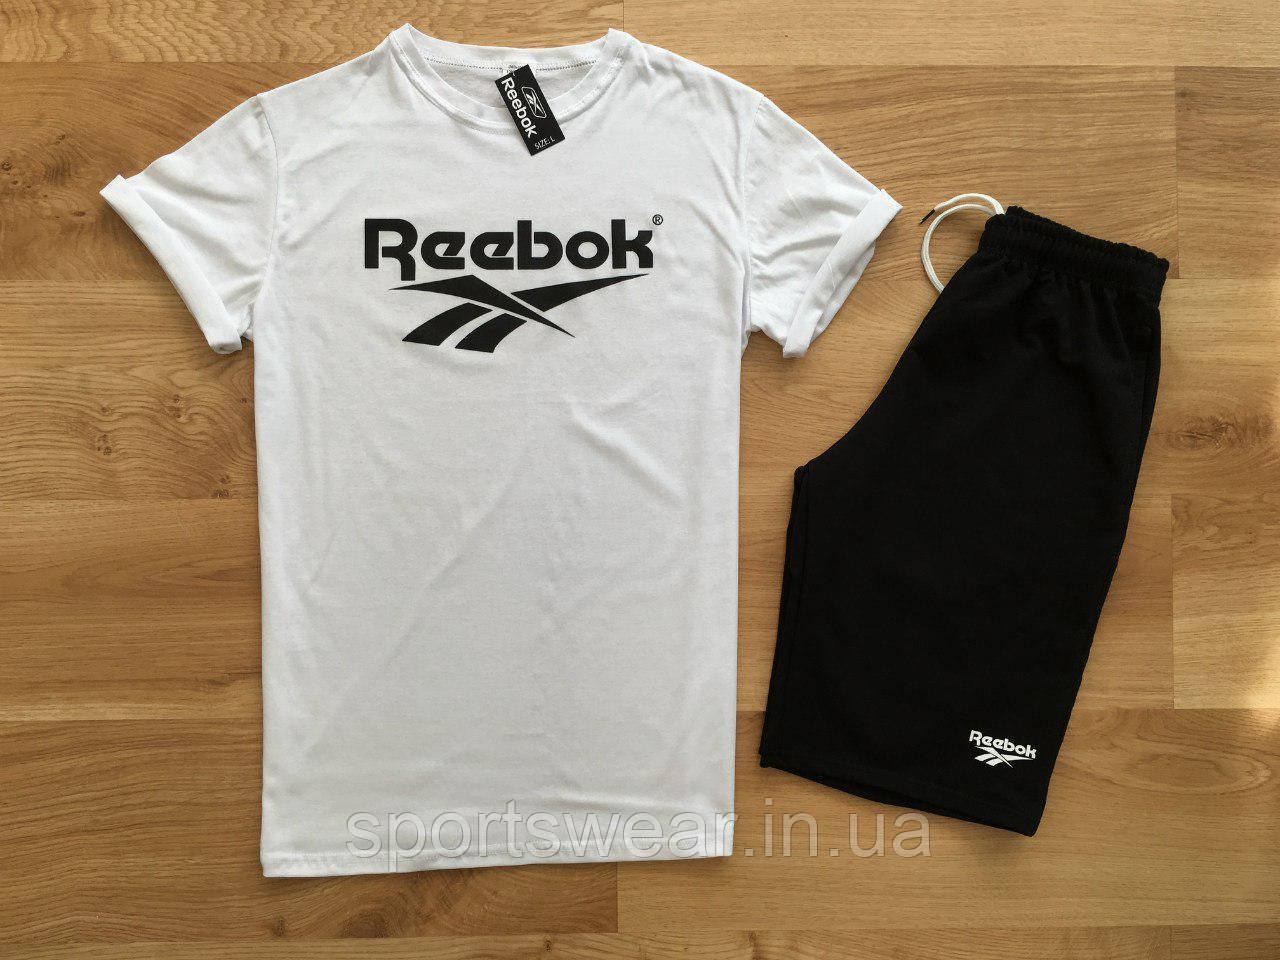 """Чоловічий комплект футболка + шорти Reebok білого і чорного кольору """""""" В стилі Reebok """""""""""